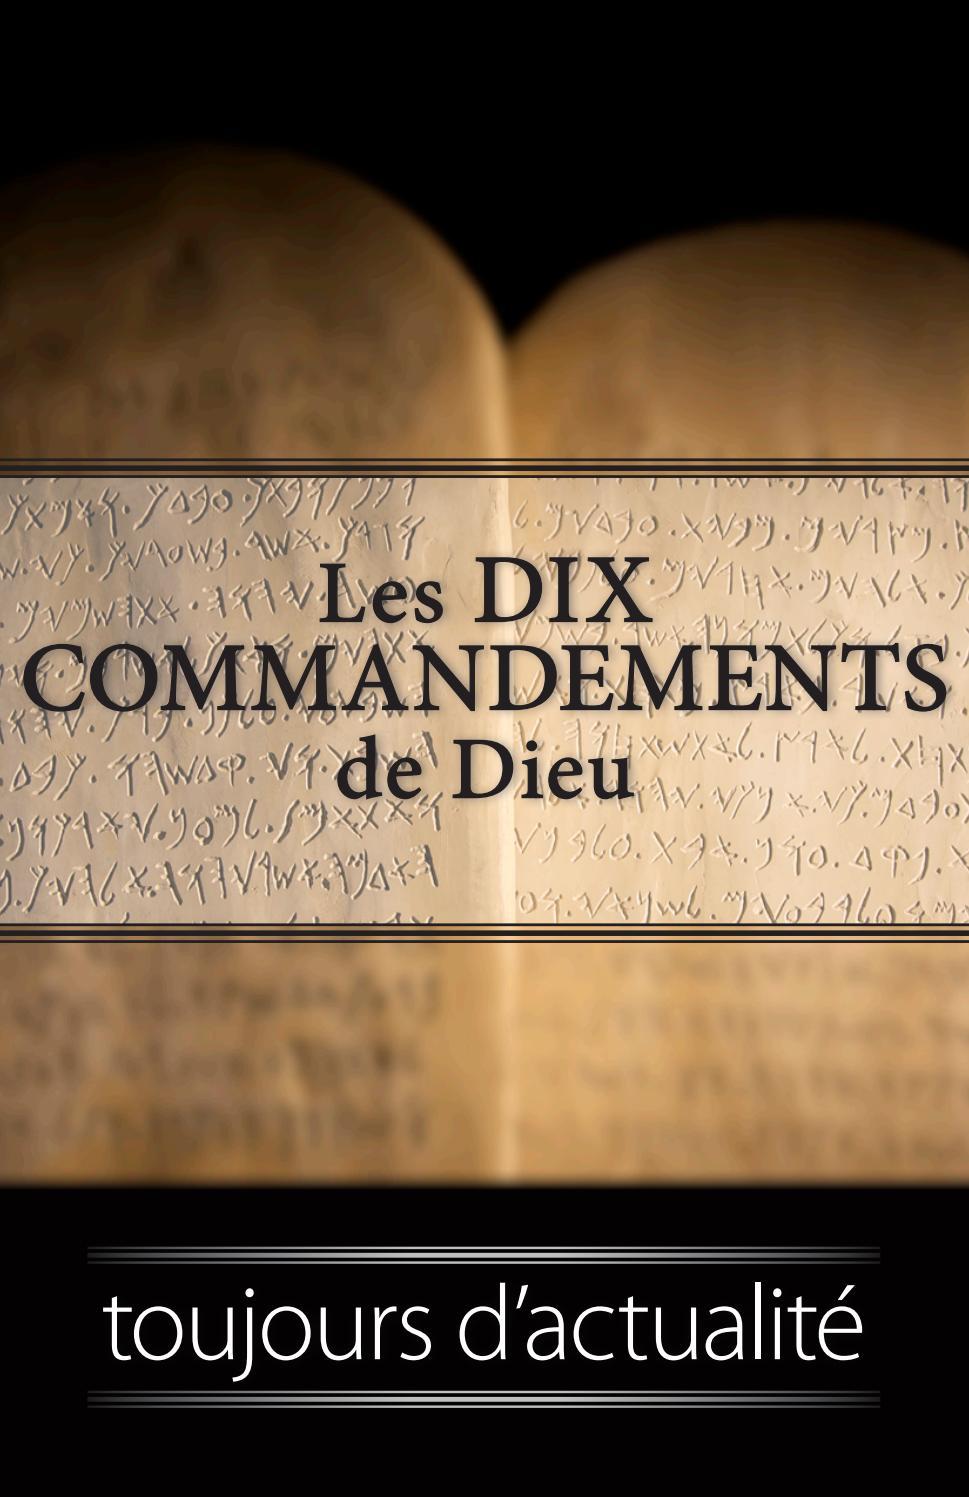 Les 10 Commandements De Dieu : commandements, Commandements, Toujours, D'actualité, Life,, Truth, Issuu